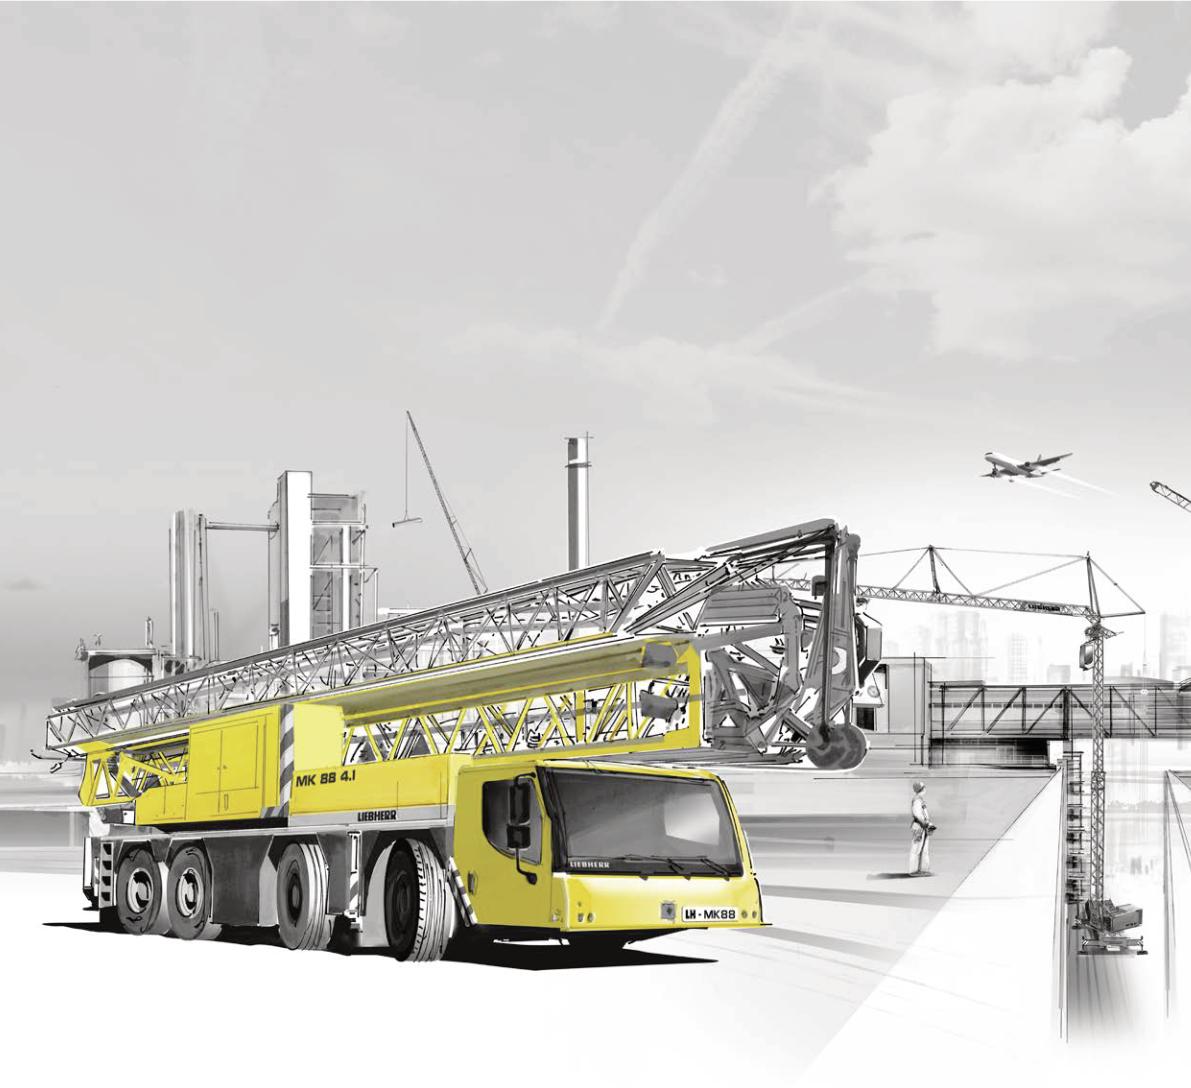 Lelieur-Levage vient enrichir son parc machines avec la grue de construction MK88 disponible fin février 2020